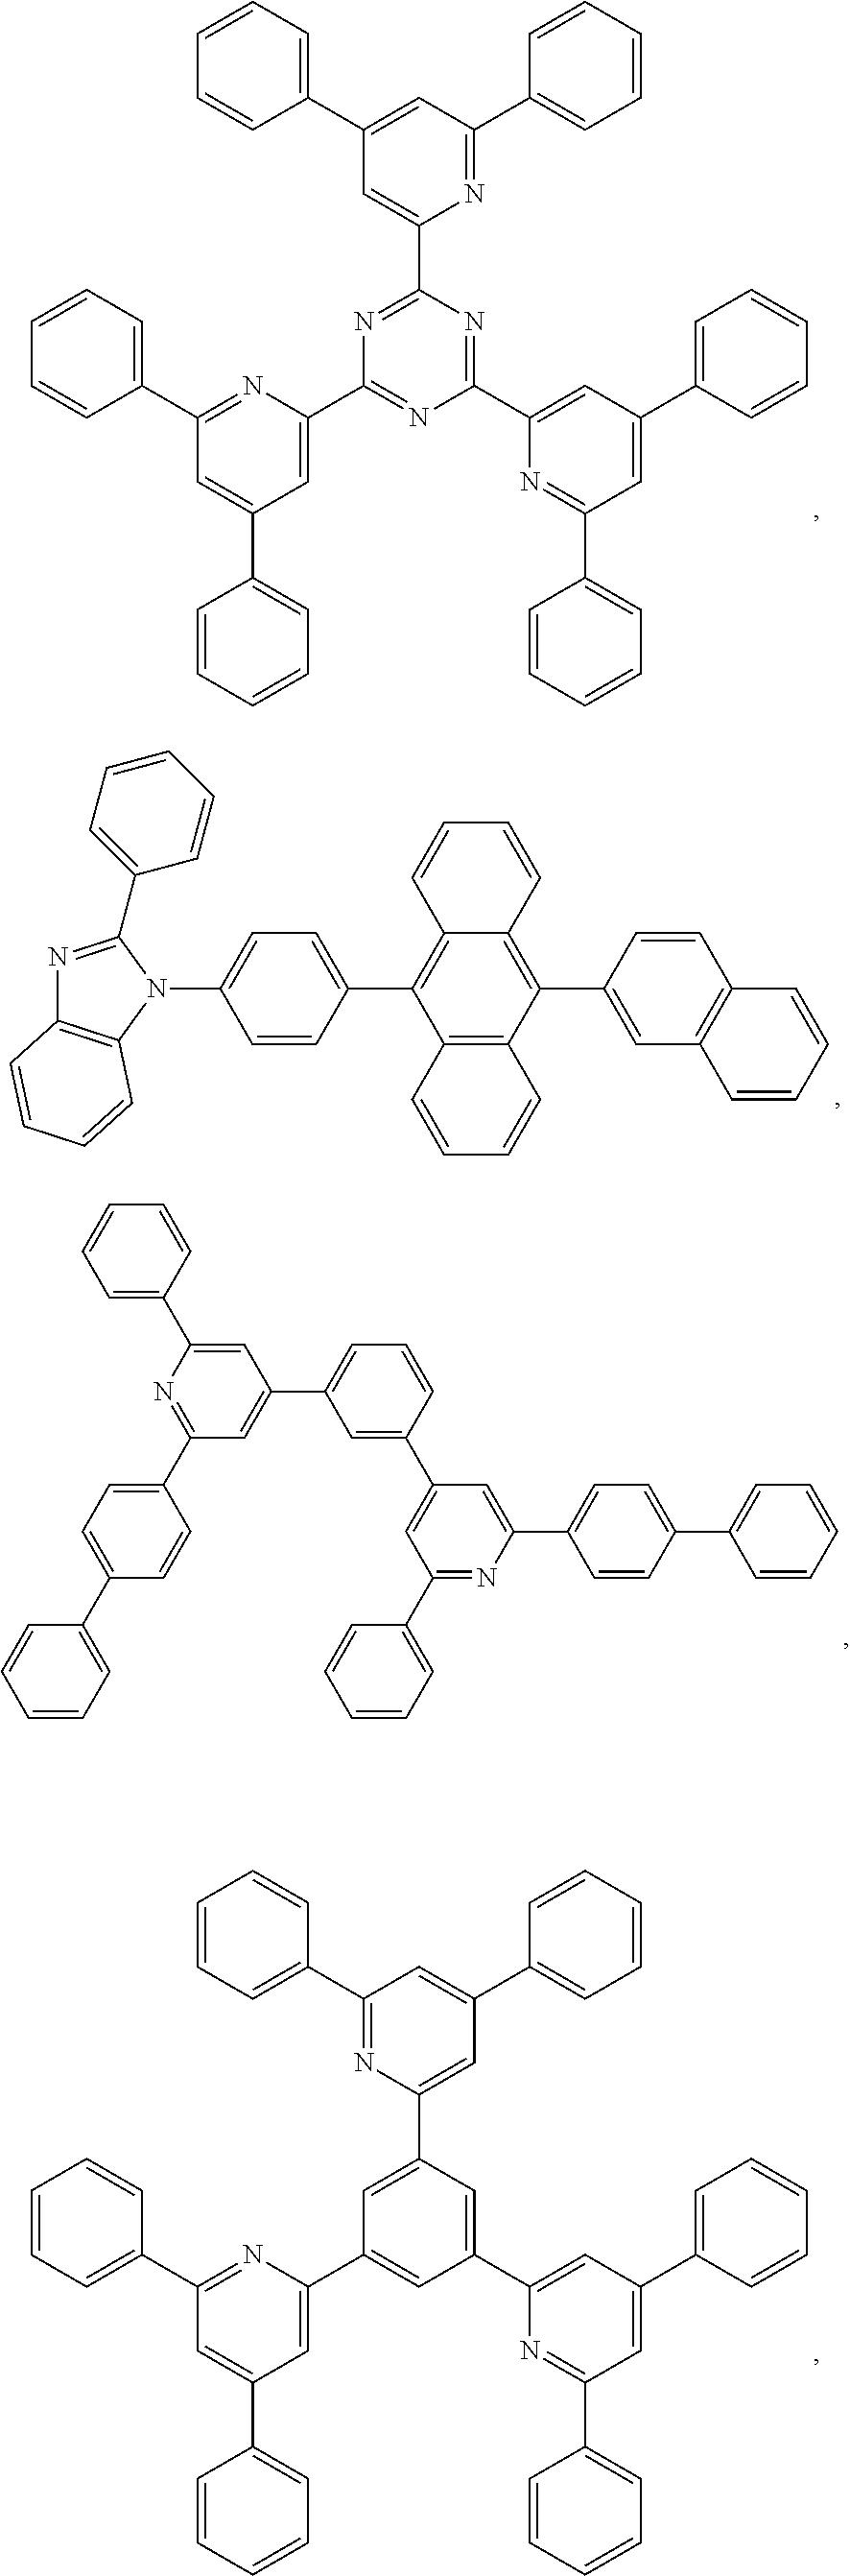 Figure US20180130962A1-20180510-C00206